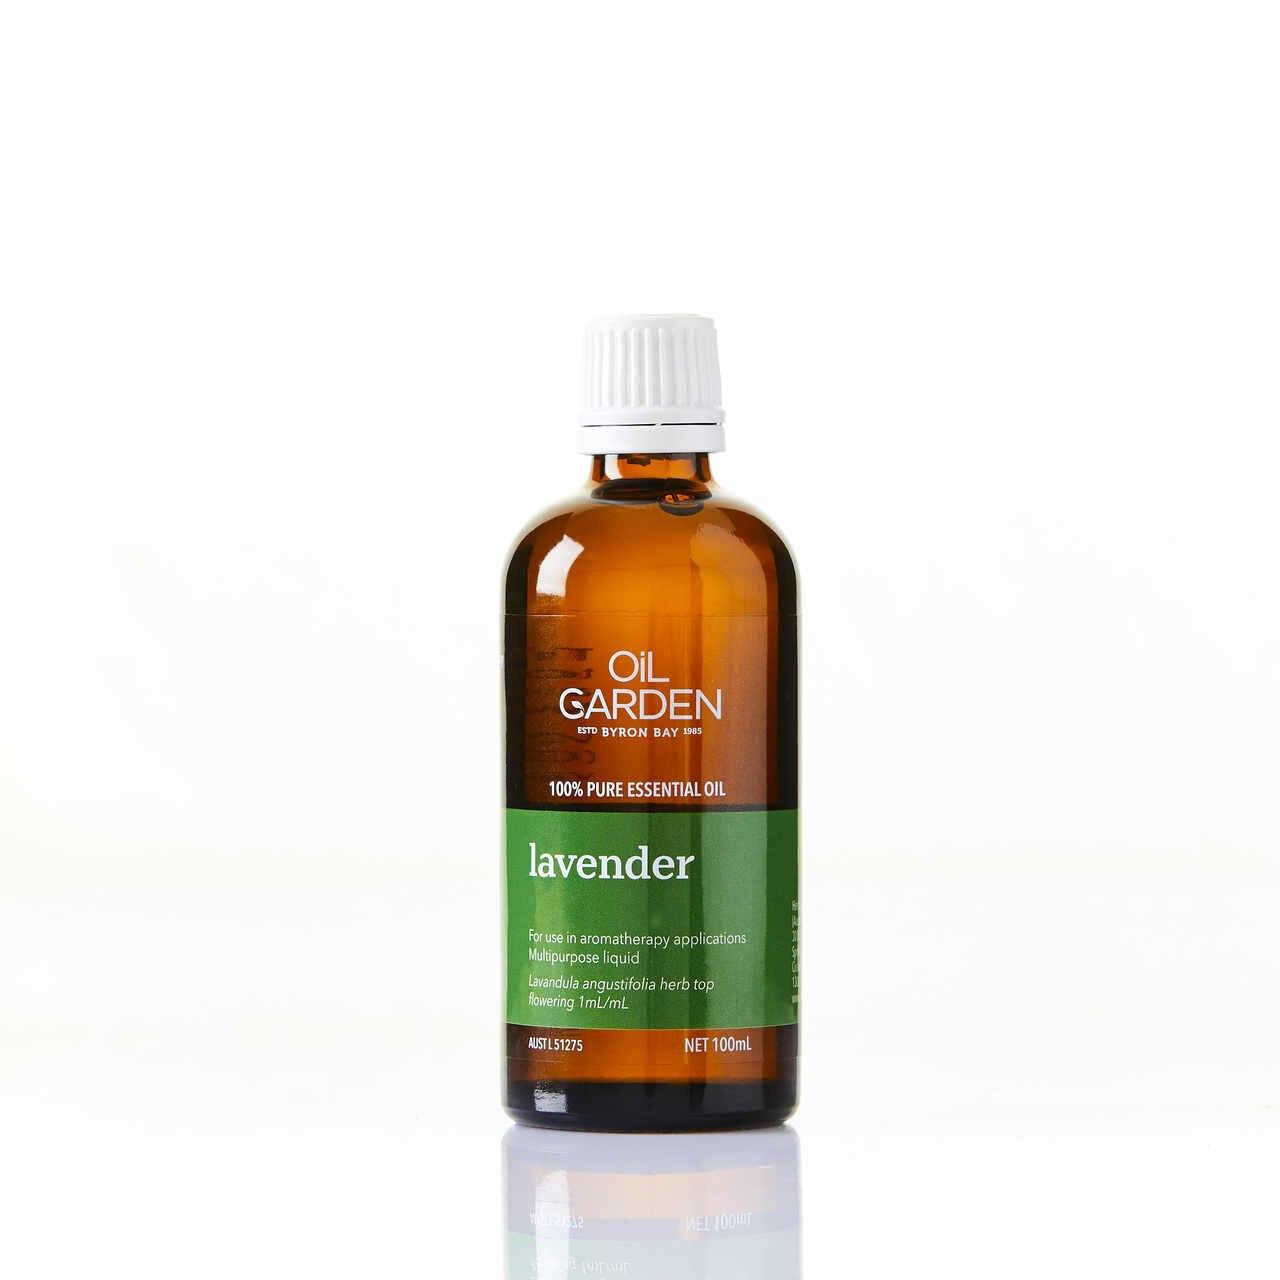 Oil Garden Lavender Pure Essential Oil 100mL 6620020